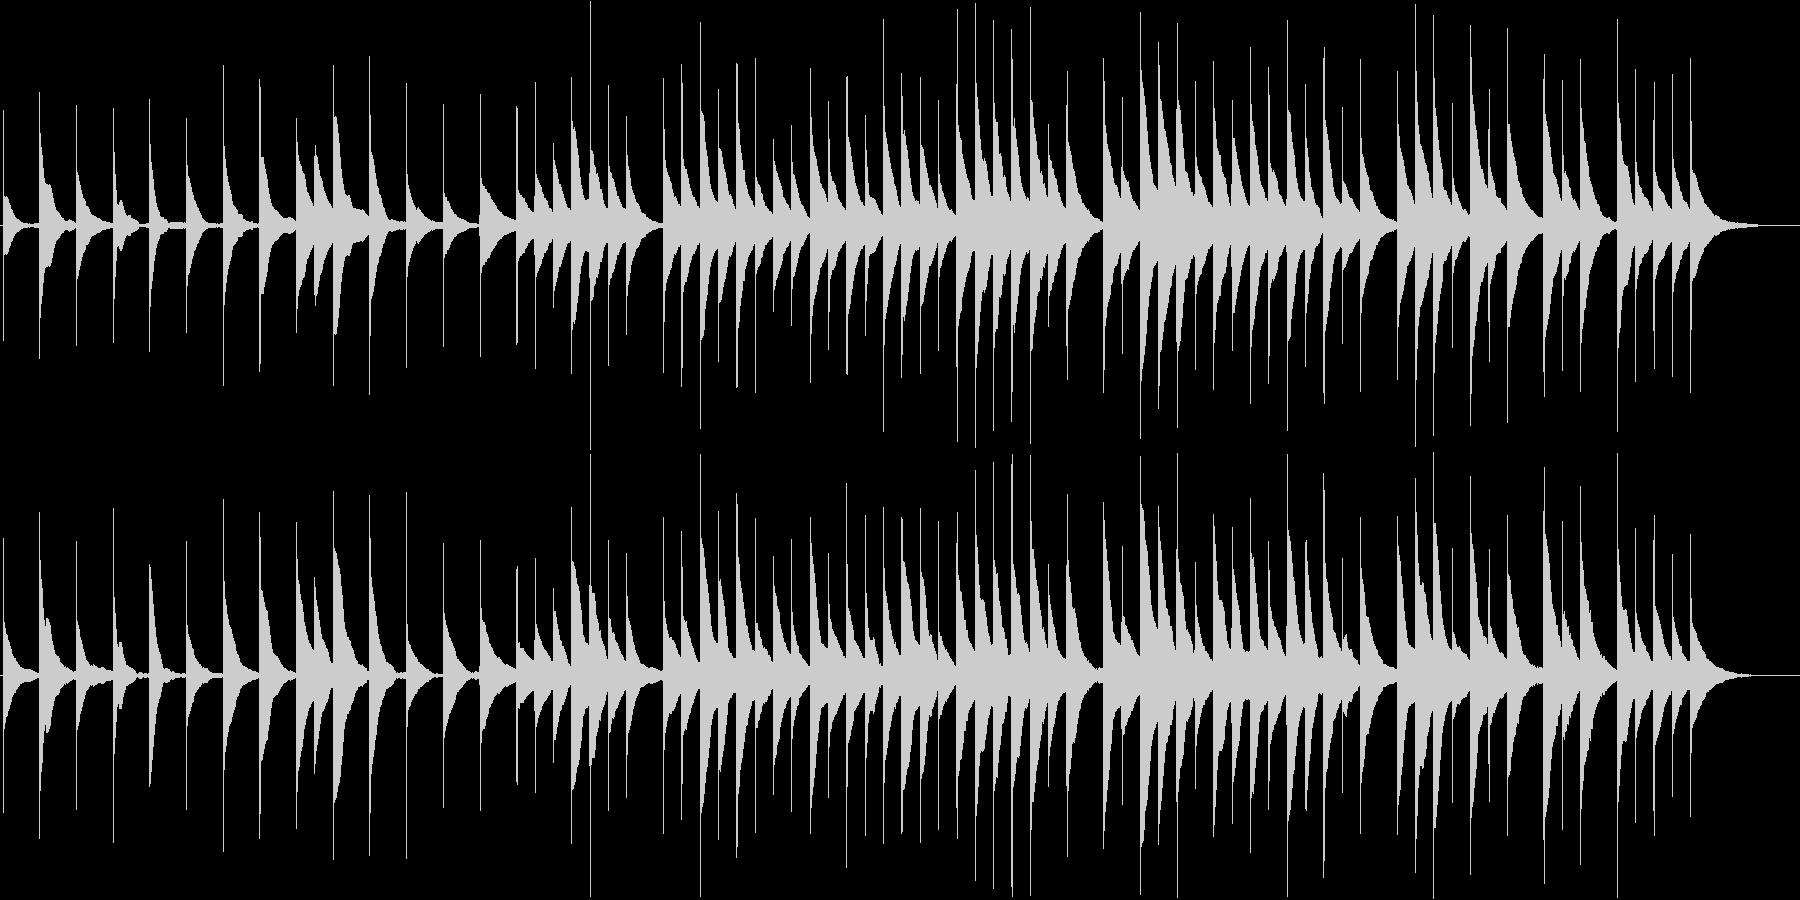 ゆったりとした優しいオルゴールBGMの未再生の波形